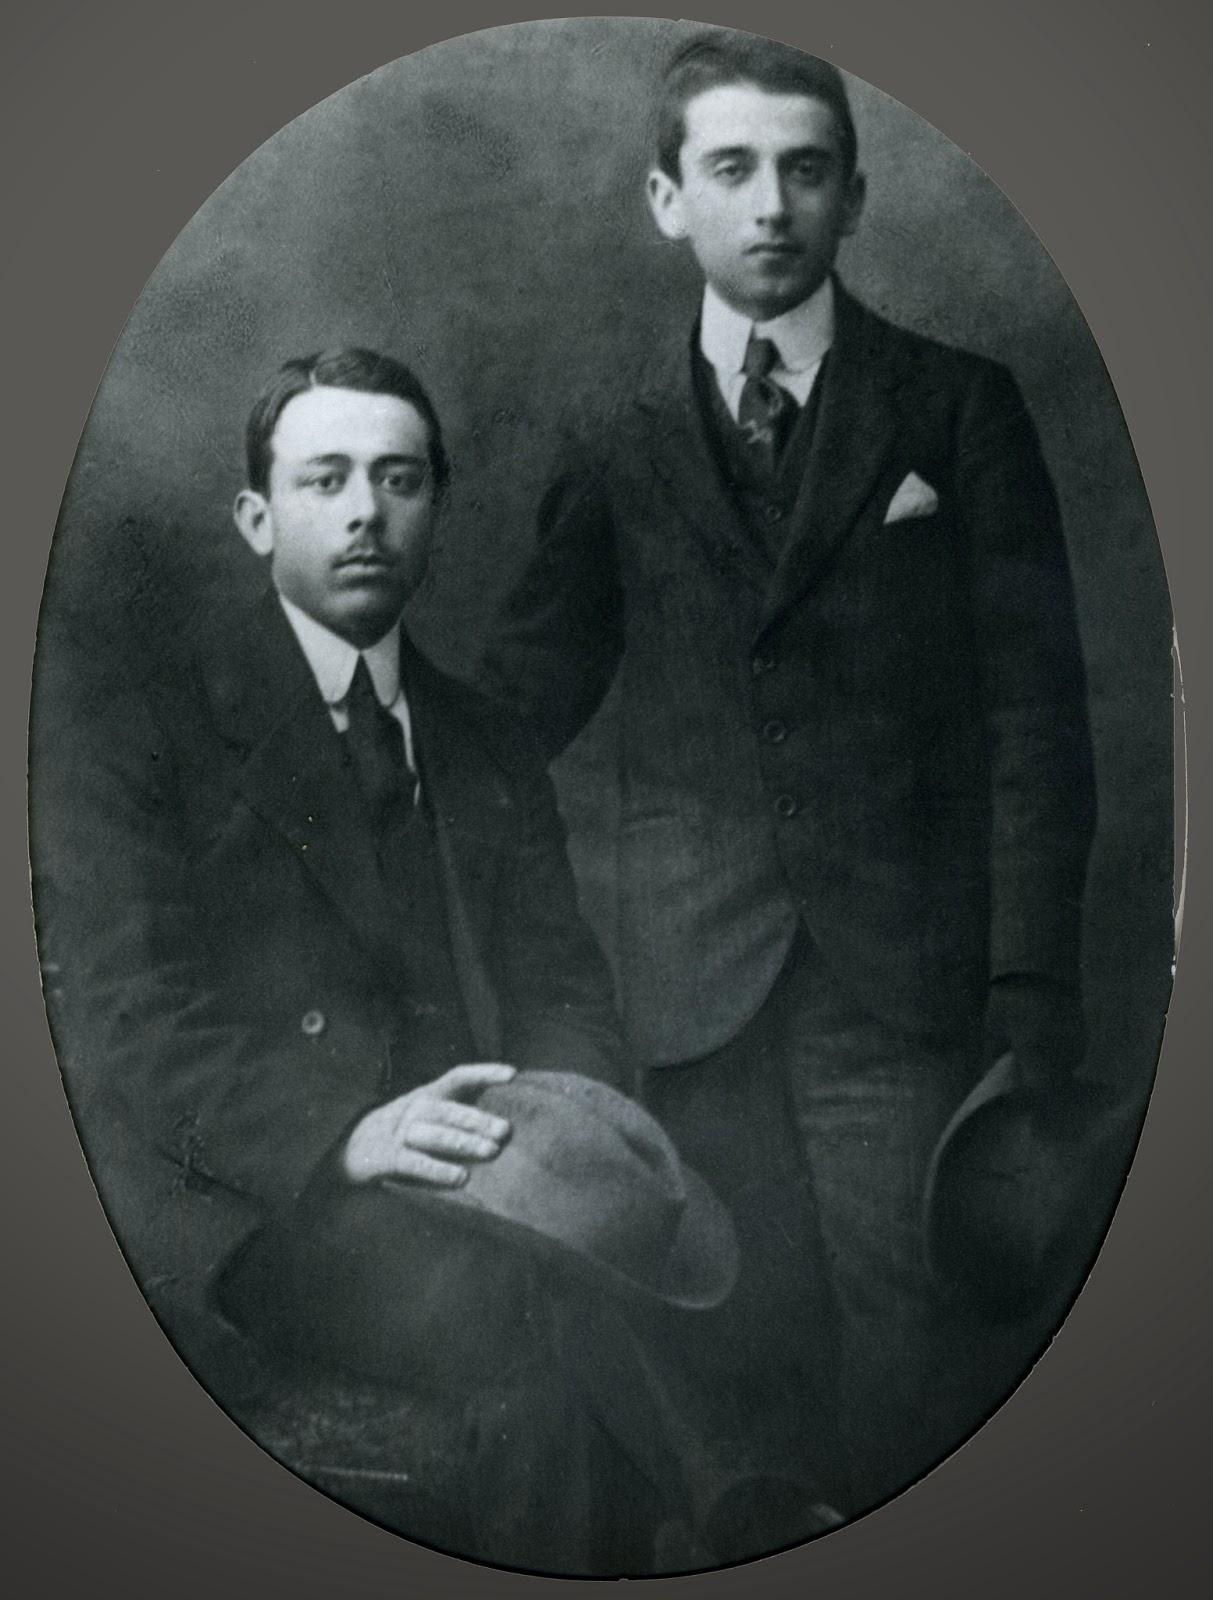 Η αθησαύριστη φωτογραφία του ποιητή Κ.Γ. Καρυωτάκη